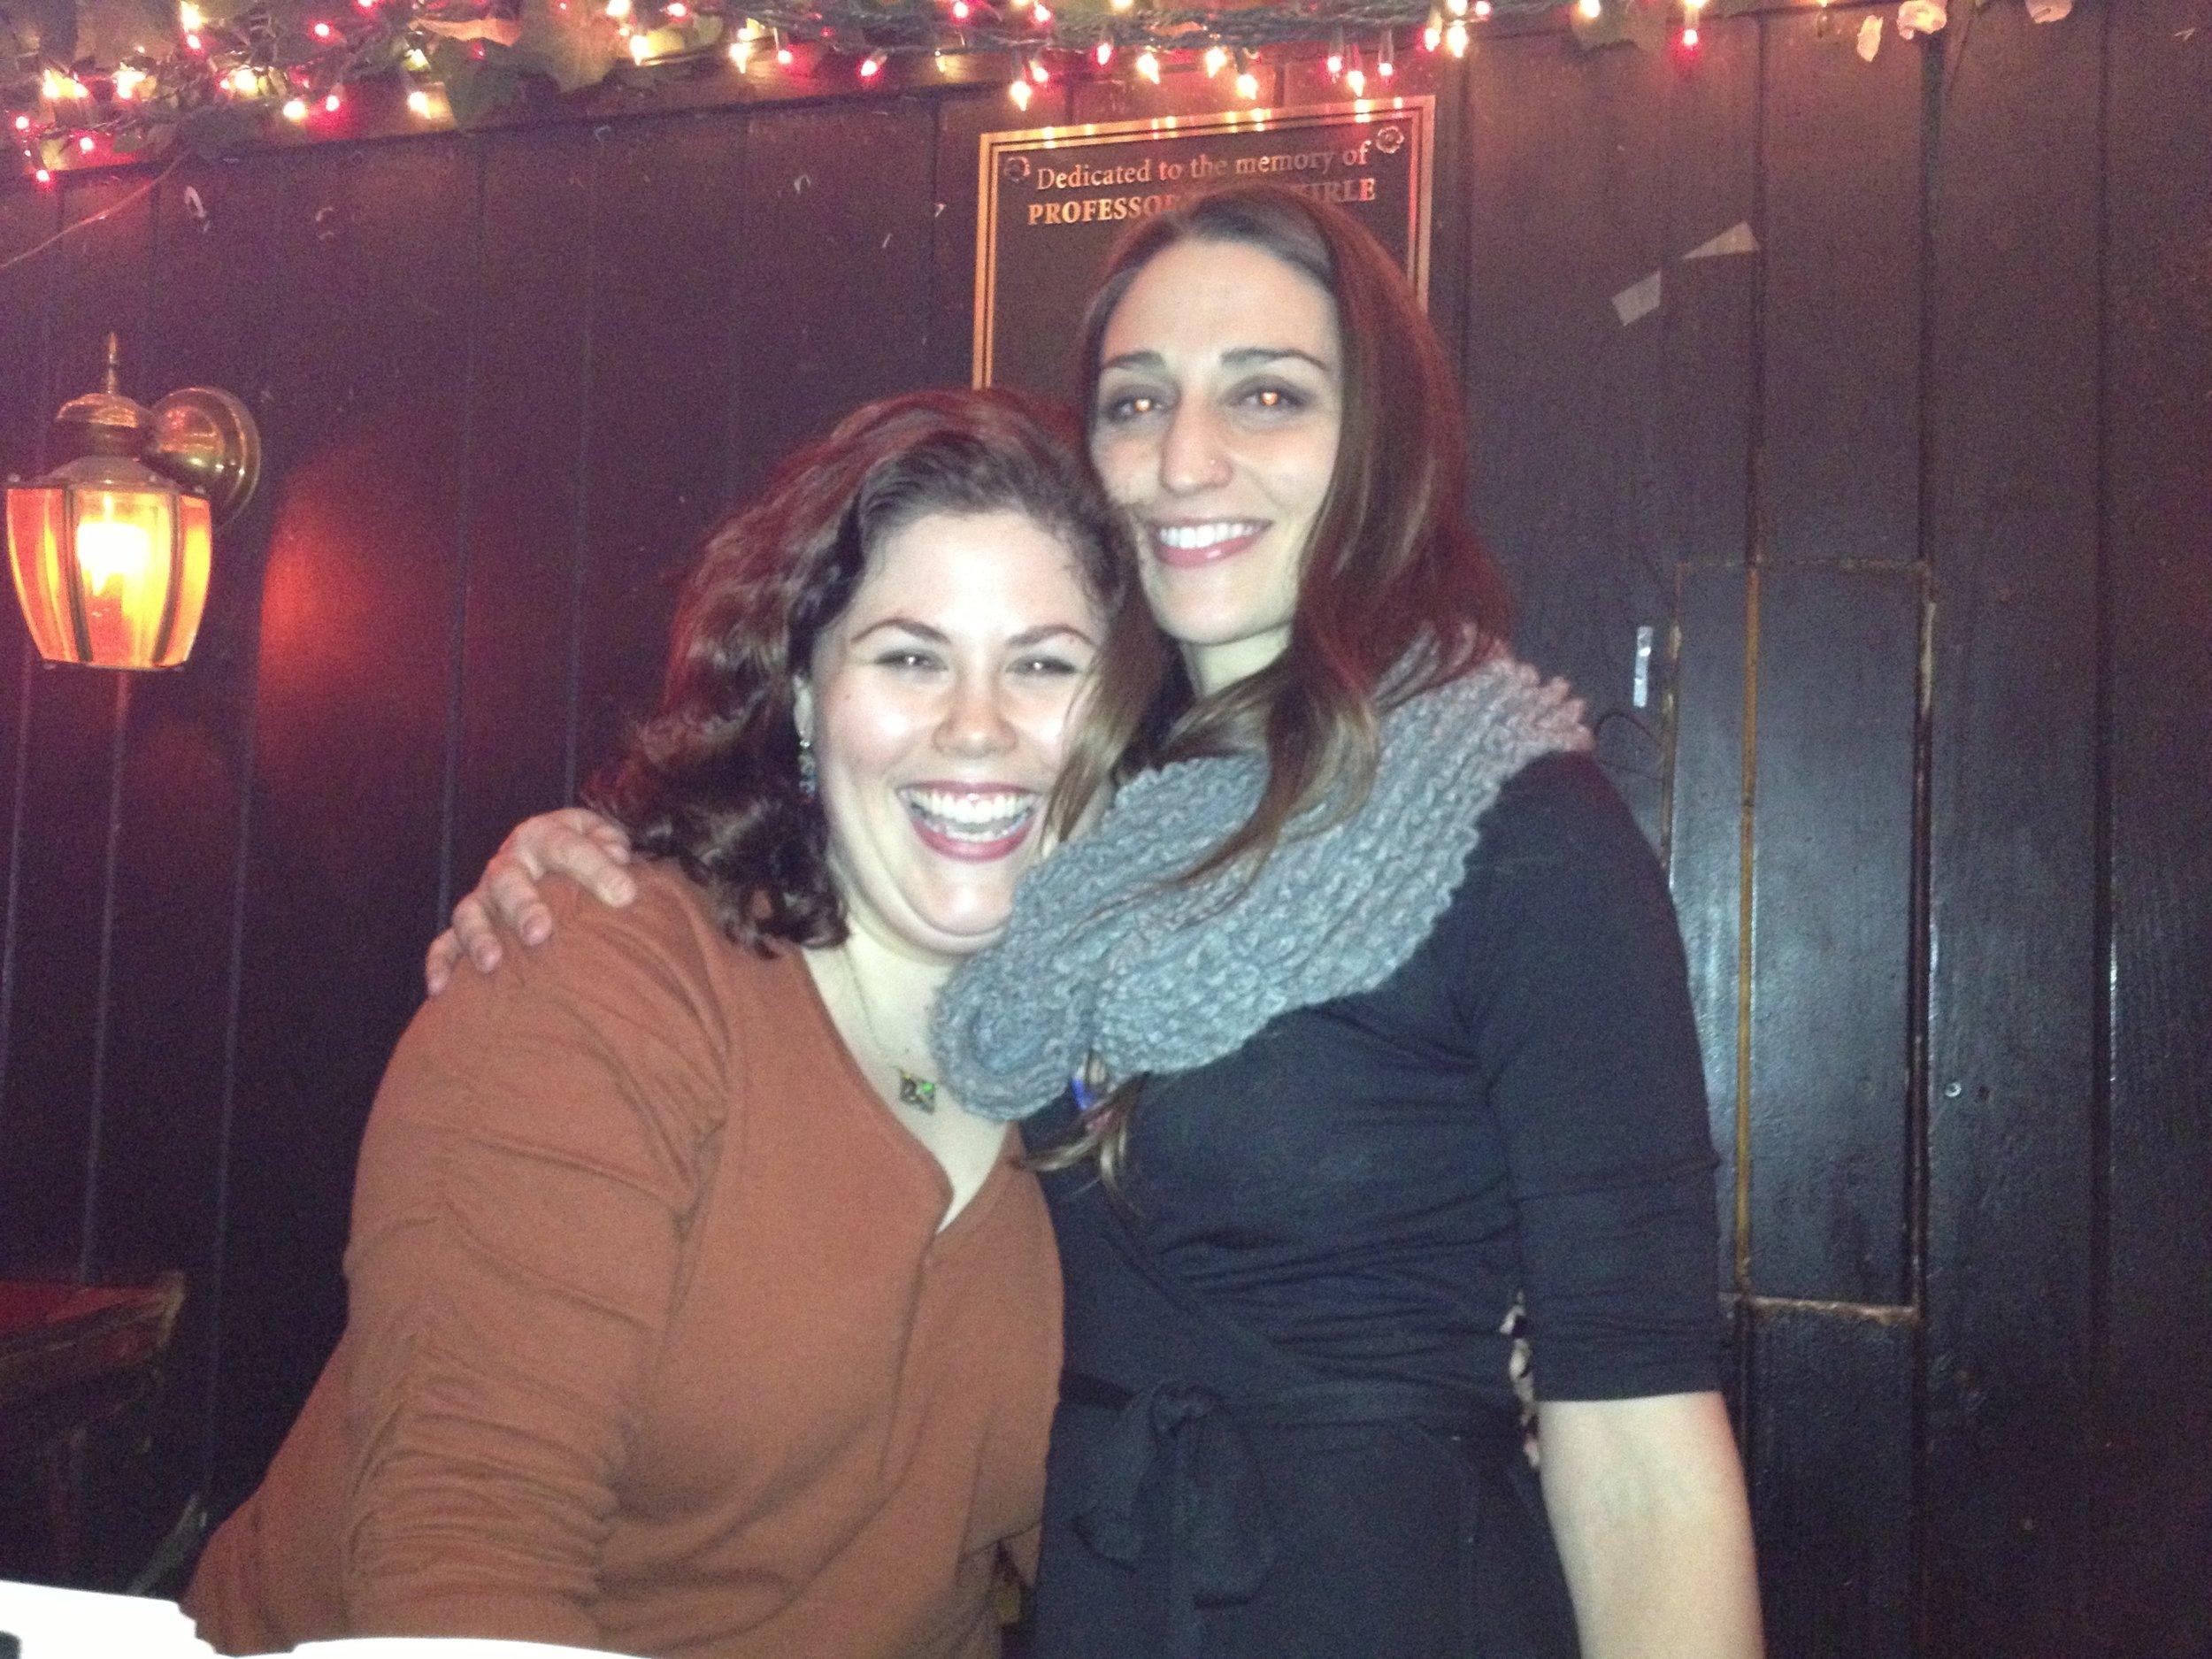 With Sara Bareilles!